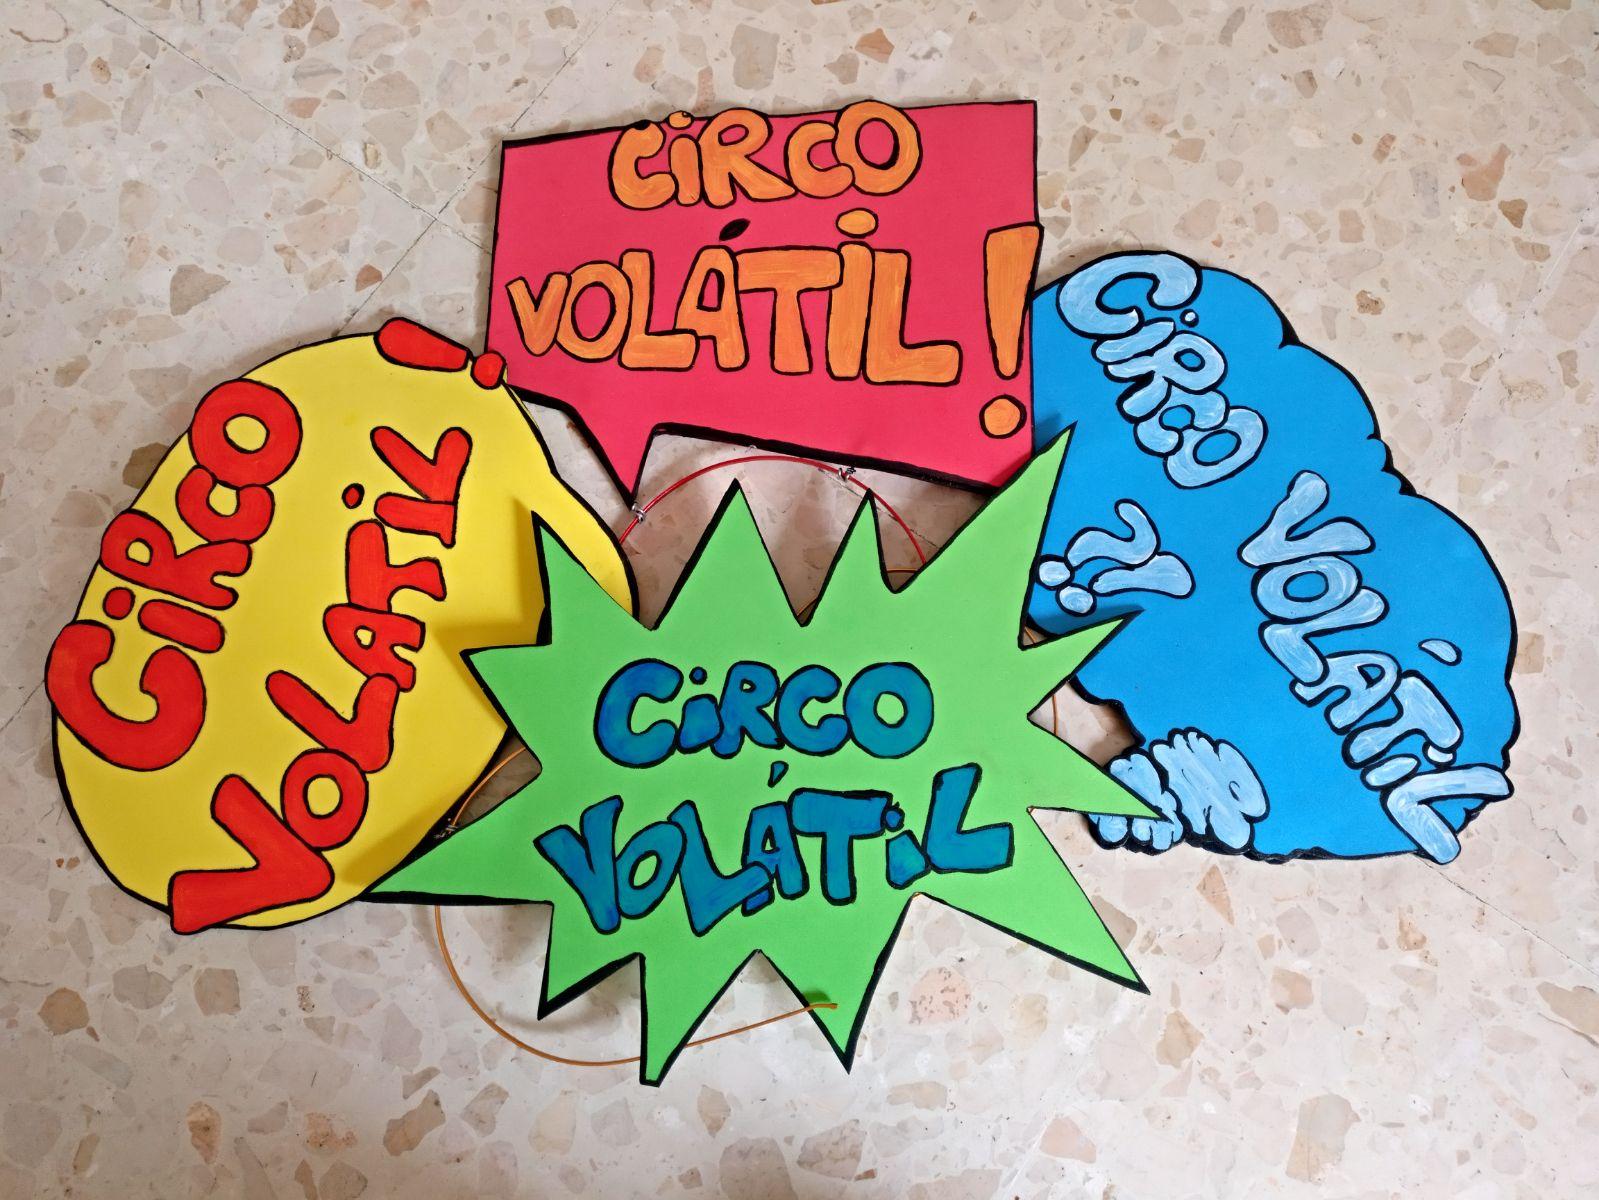 Diamdemas Circo Volátil